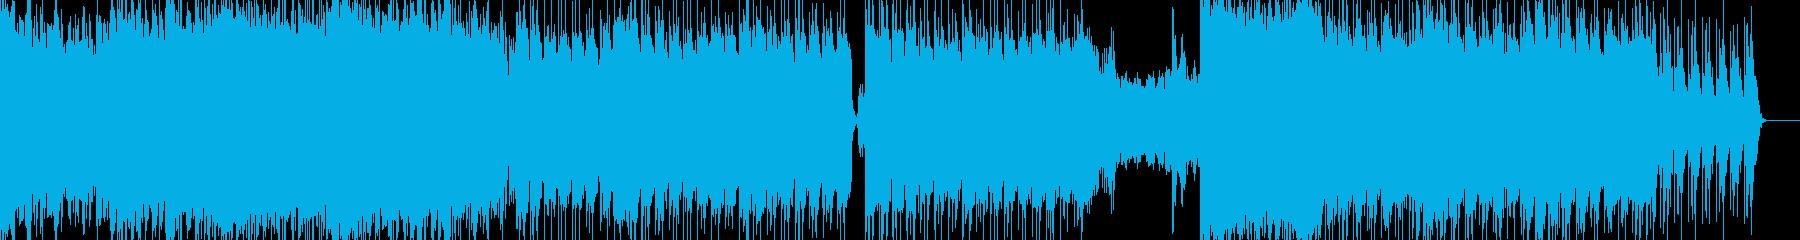 歴史的、壮大なシンセストリングスの再生済みの波形